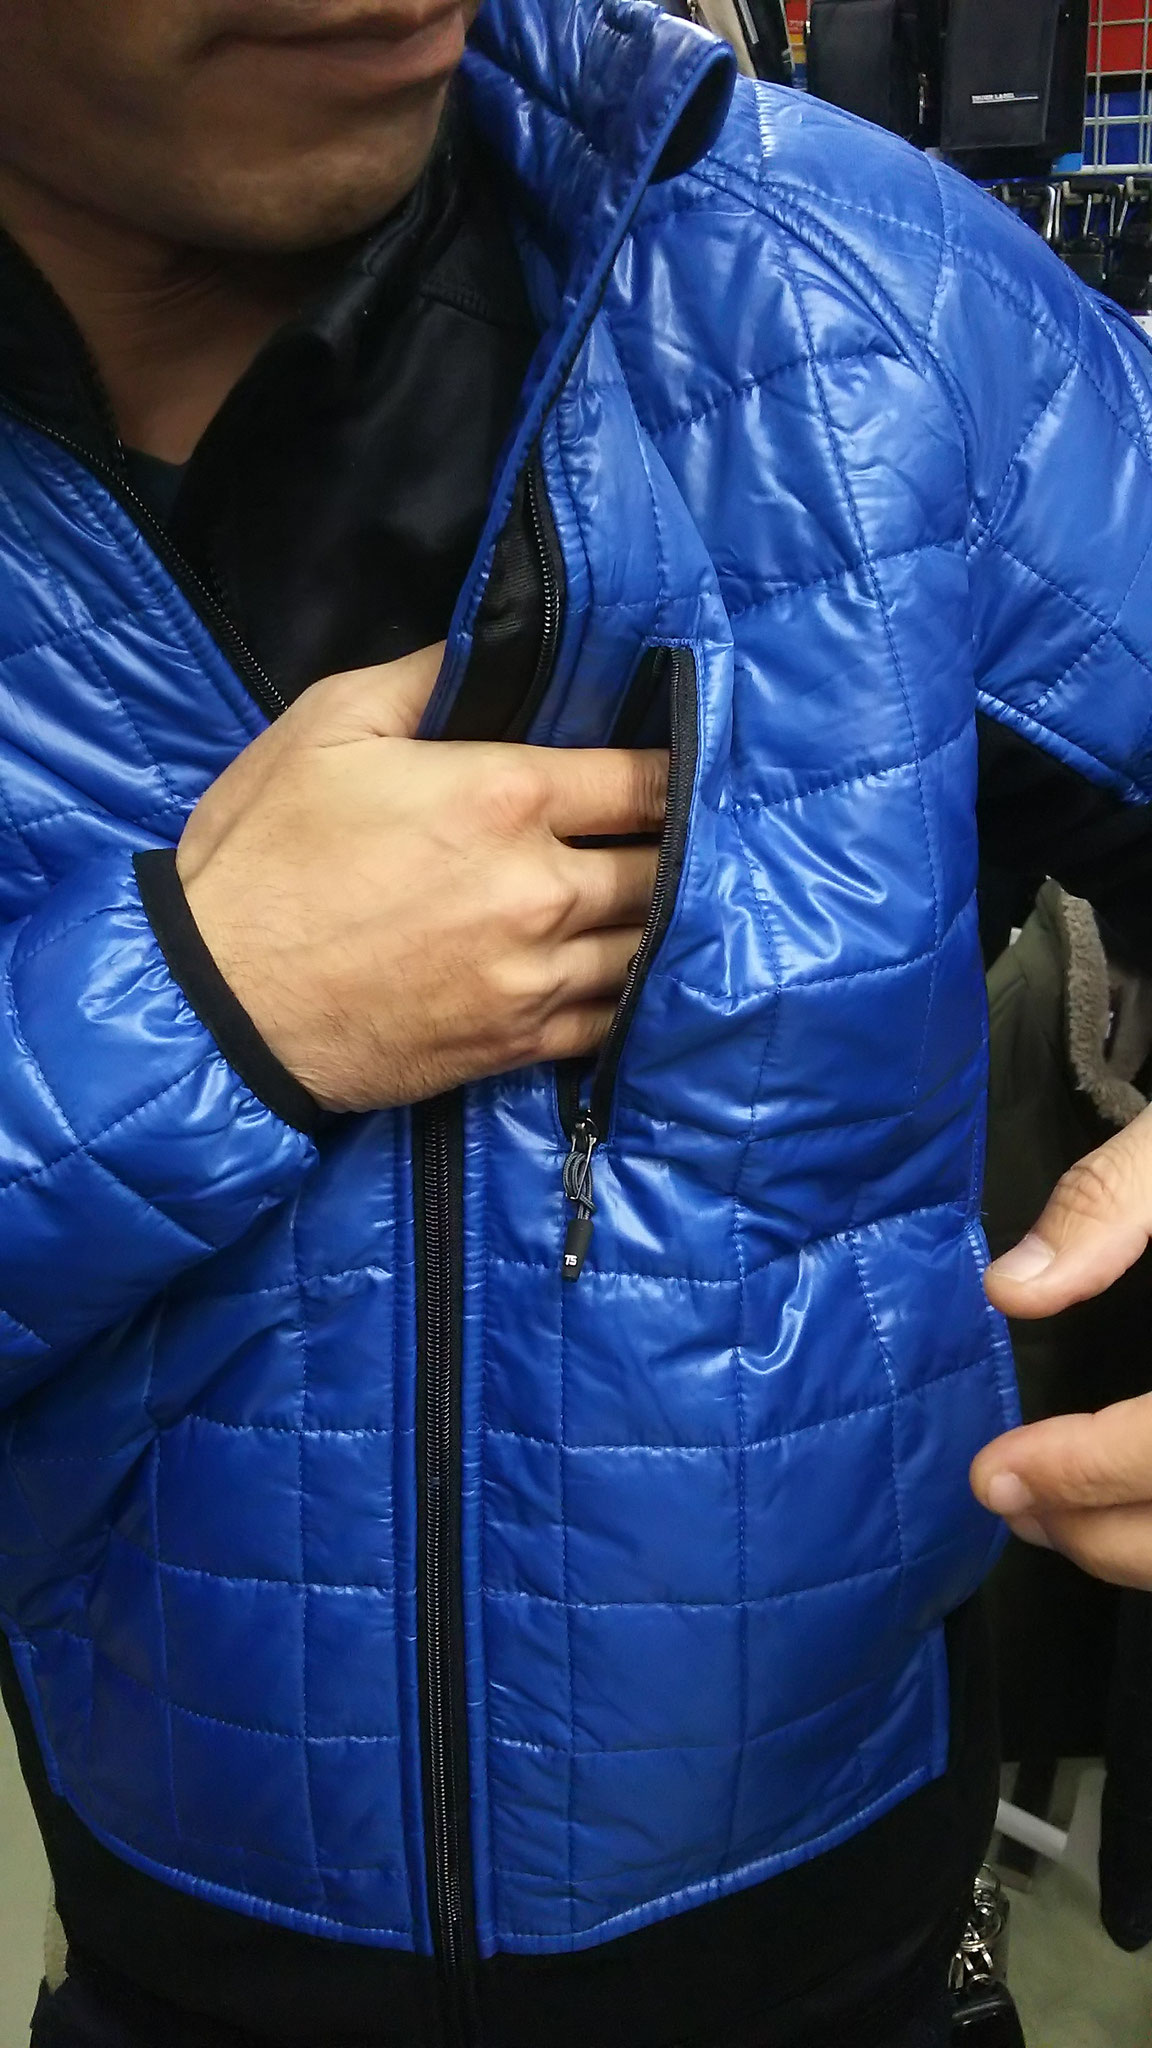 TS DESIGN  4226 マイクロリップ 着てみました。   胸ポケットは名刺入れなどに活躍します。